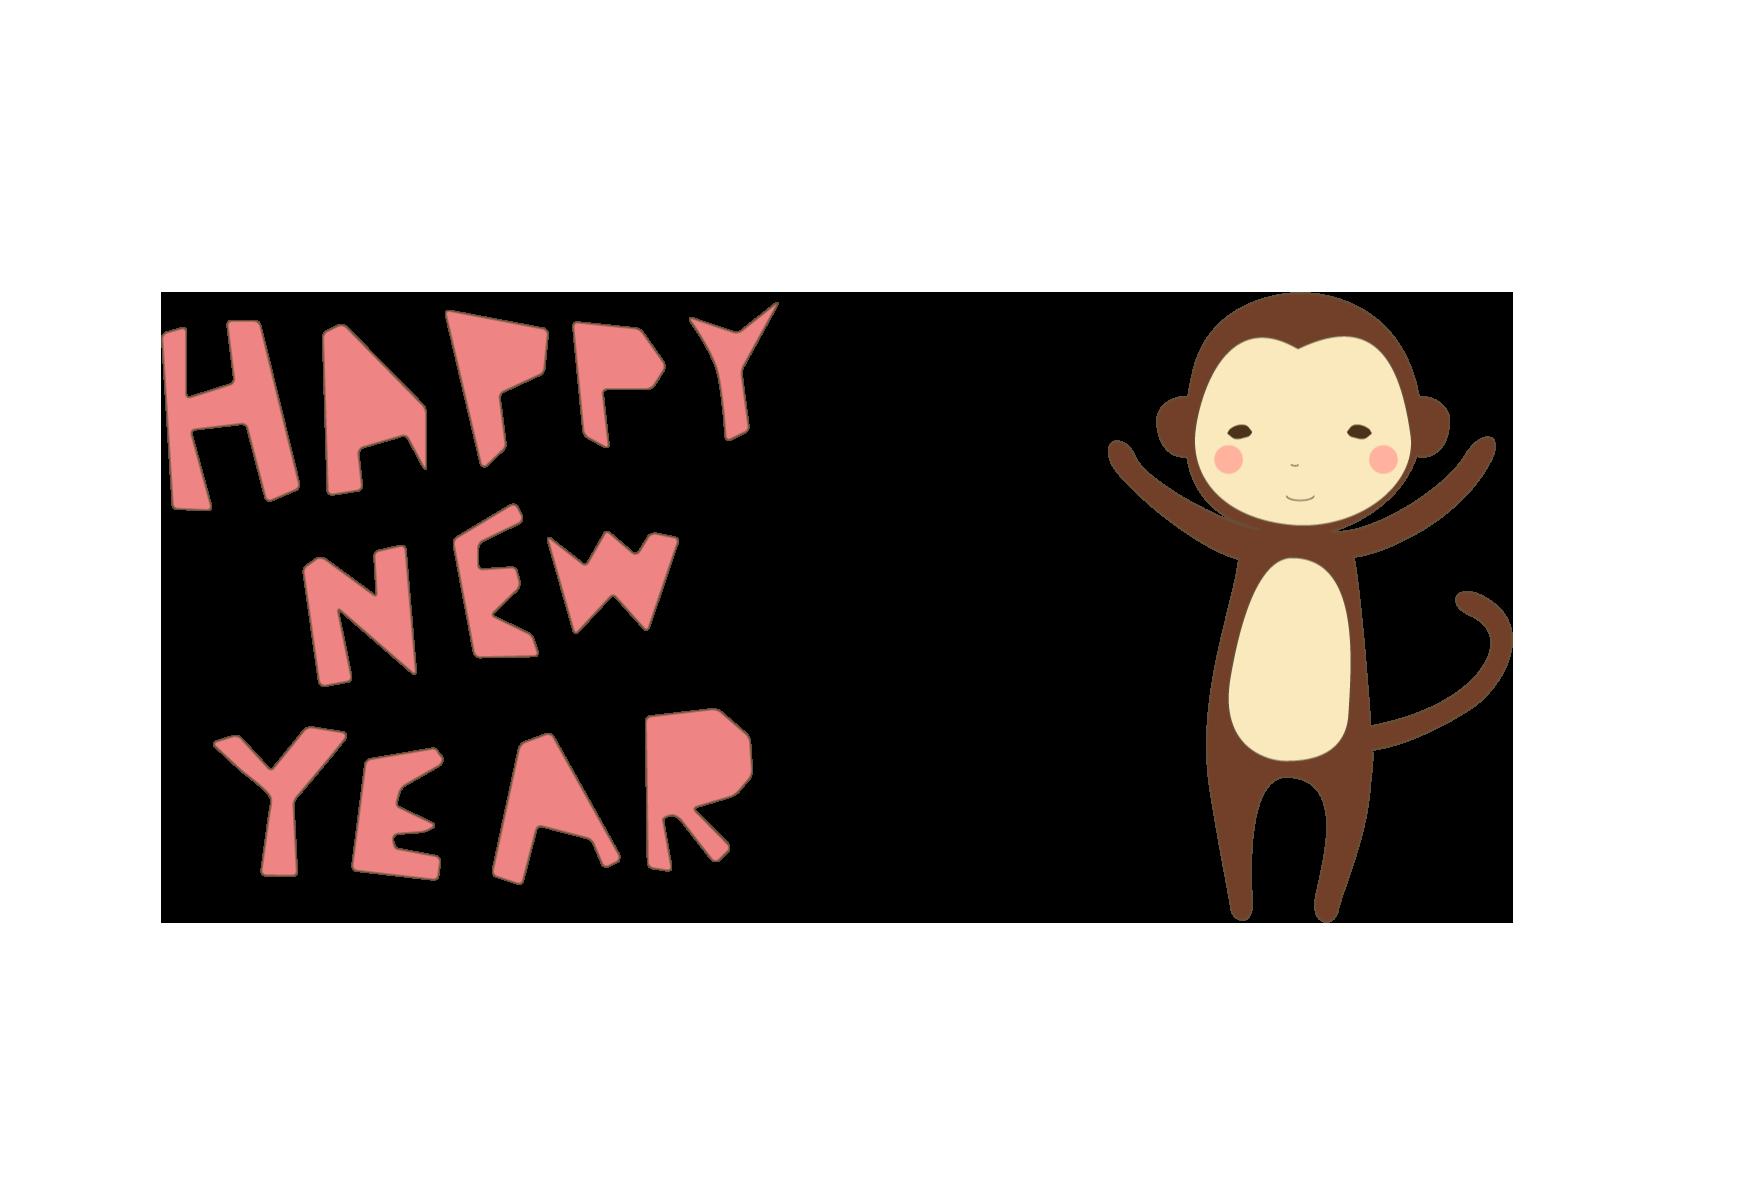 年賀状-かわいいテンプレート(猿) <無料>   イラストk